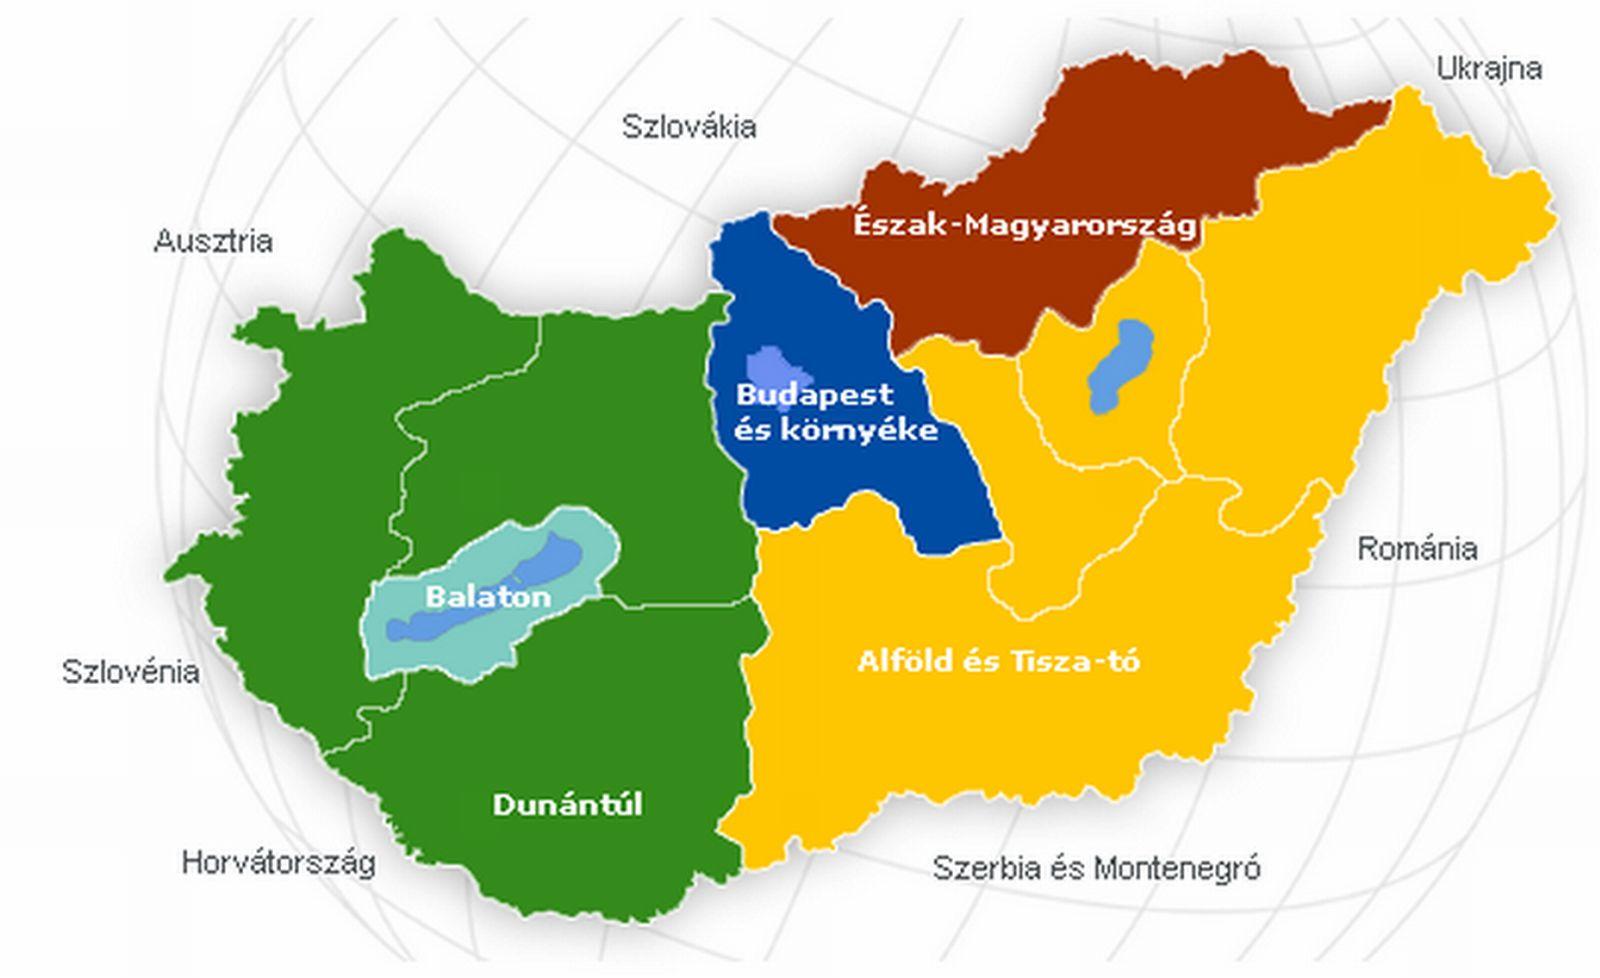 magyarország térkép tájegységek Közlekedési földrajz | SuliTudásbázis magyarország térkép tájegységek